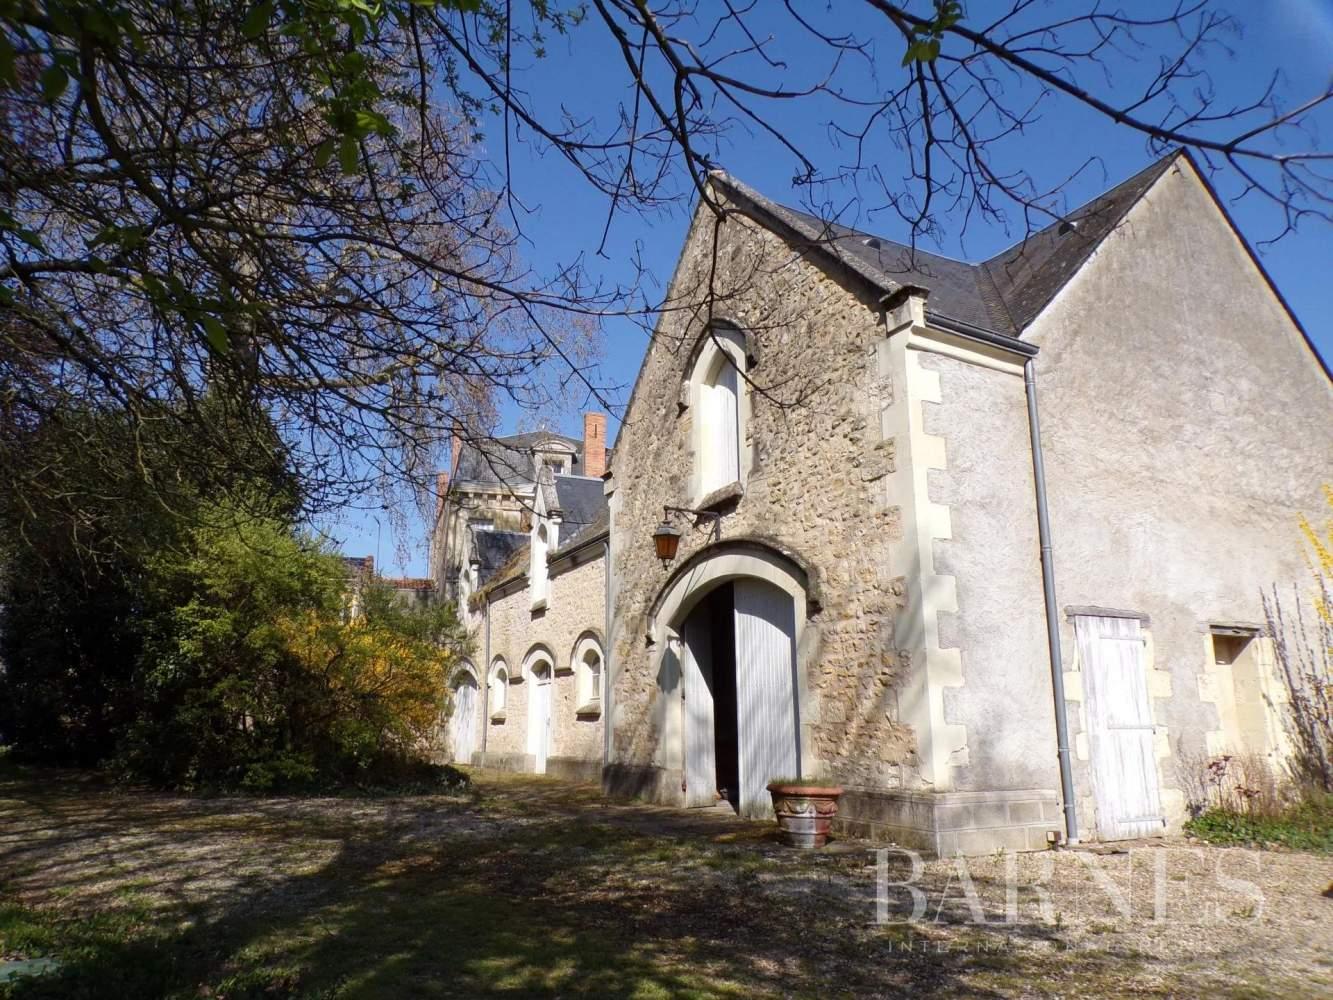 Thouars  - Maison 15 Pièces - picture 3